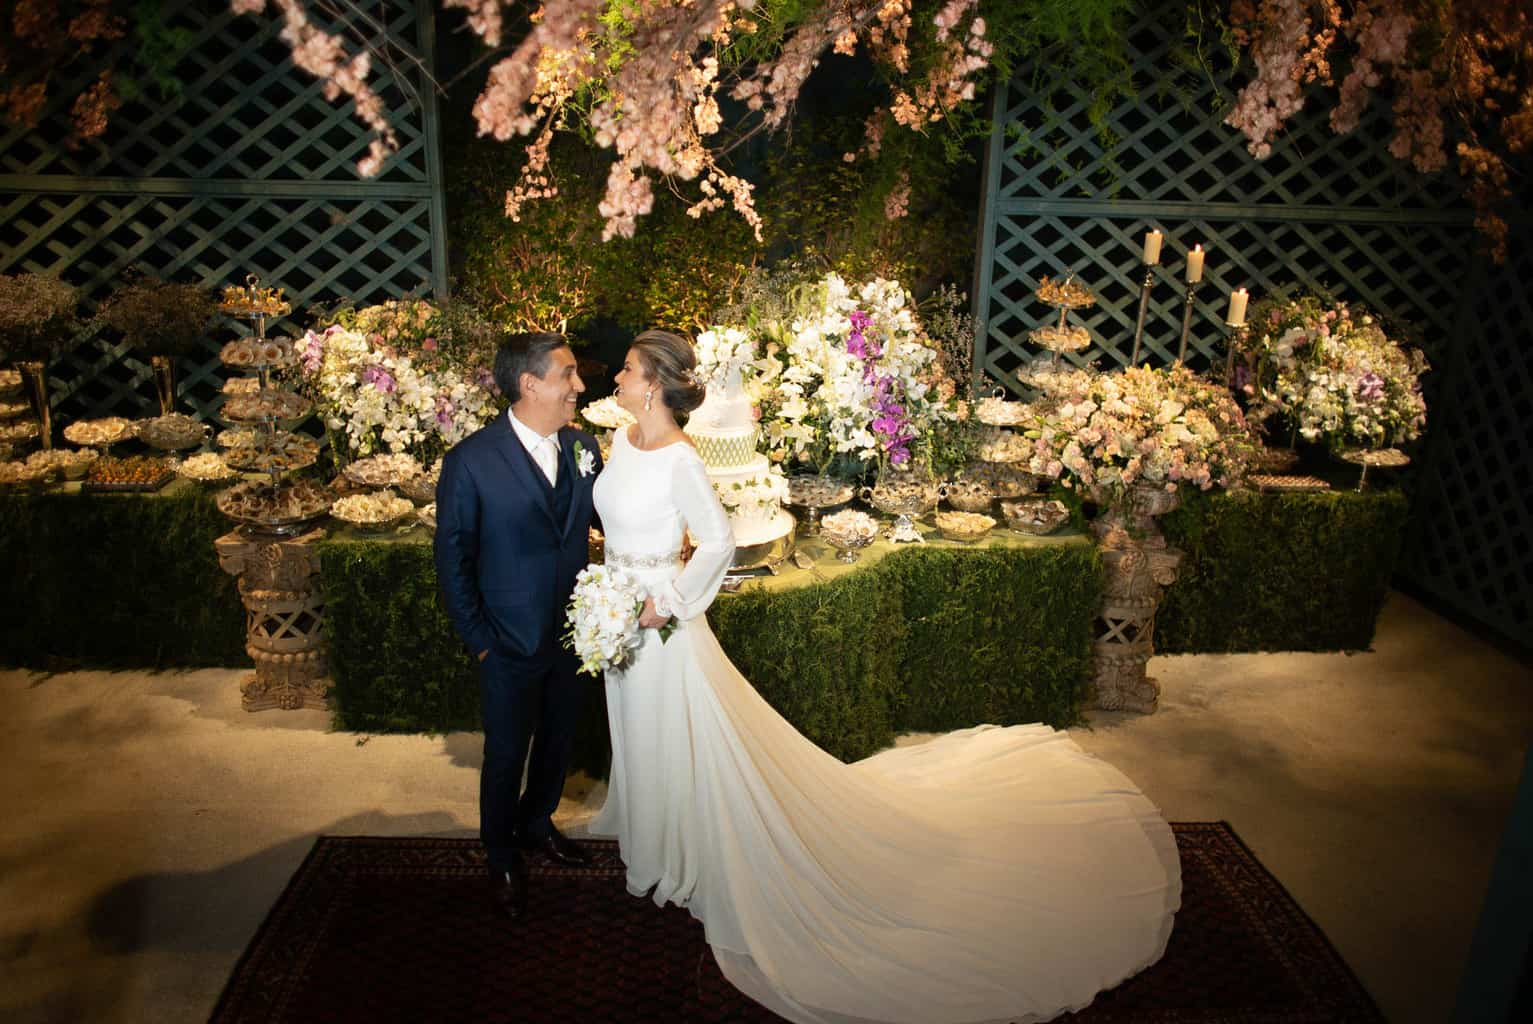 Casamento-Claudia-e-Afonso-Golden-Class-Regina-Aoki-Eurides-Aoki-Carol-Rezek-Renata-Velloso-51